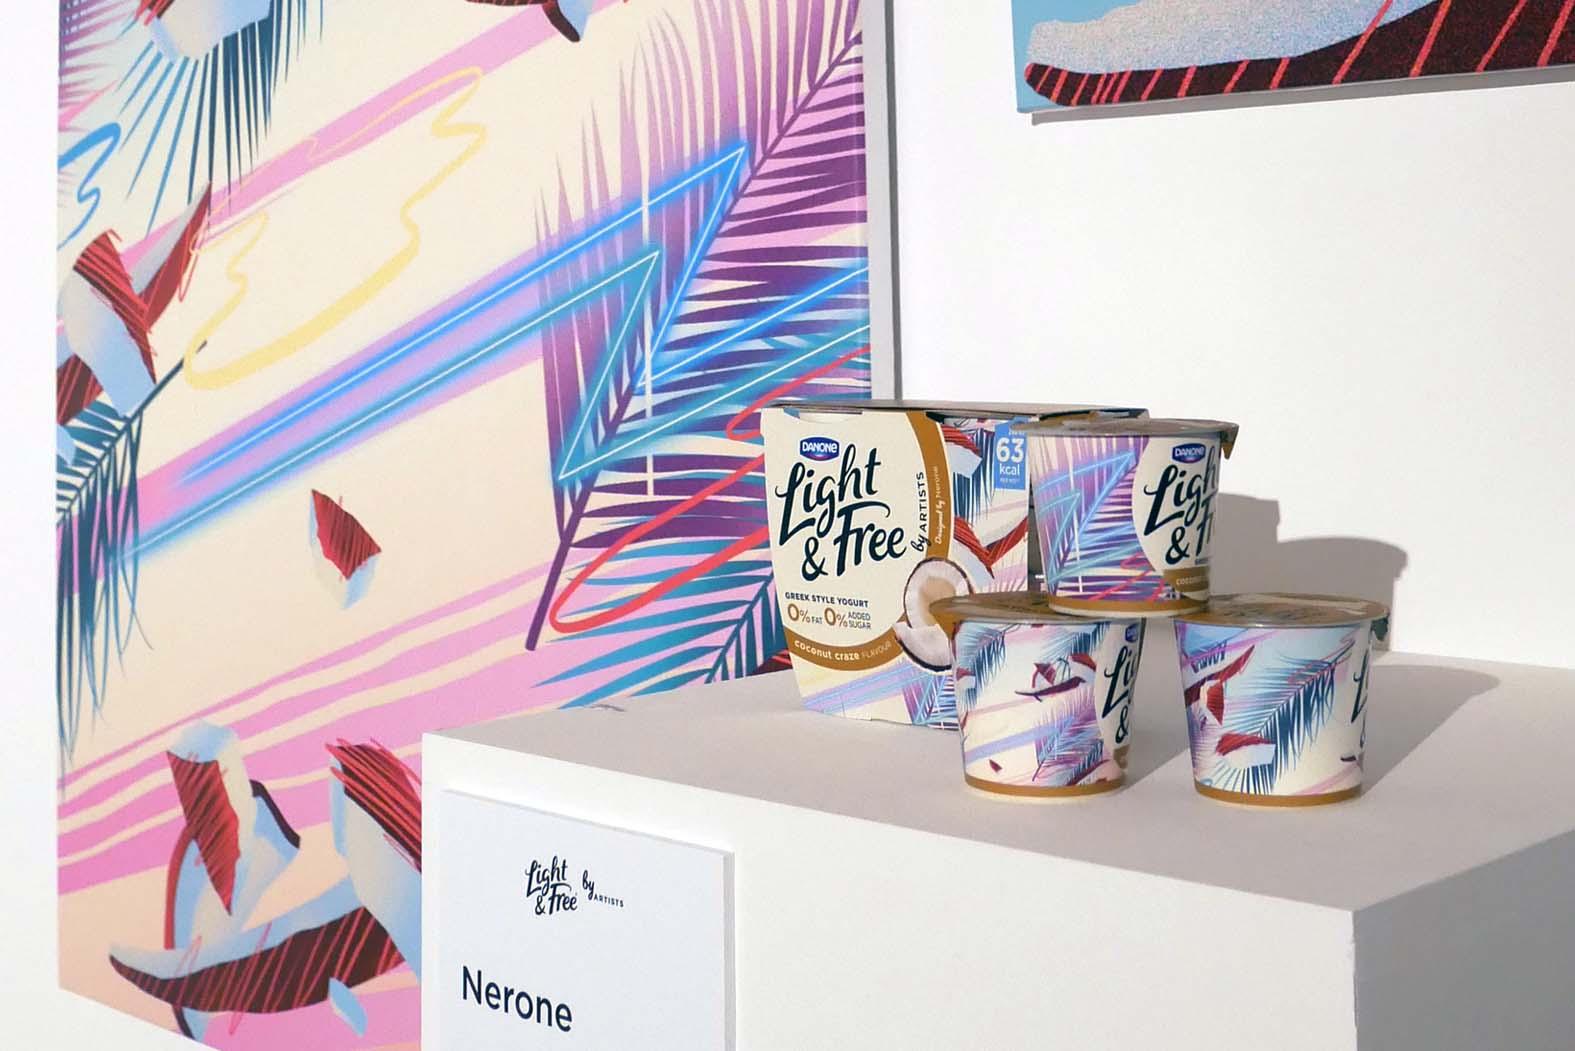 Nerone-Danone-coconut-design-light&free-5